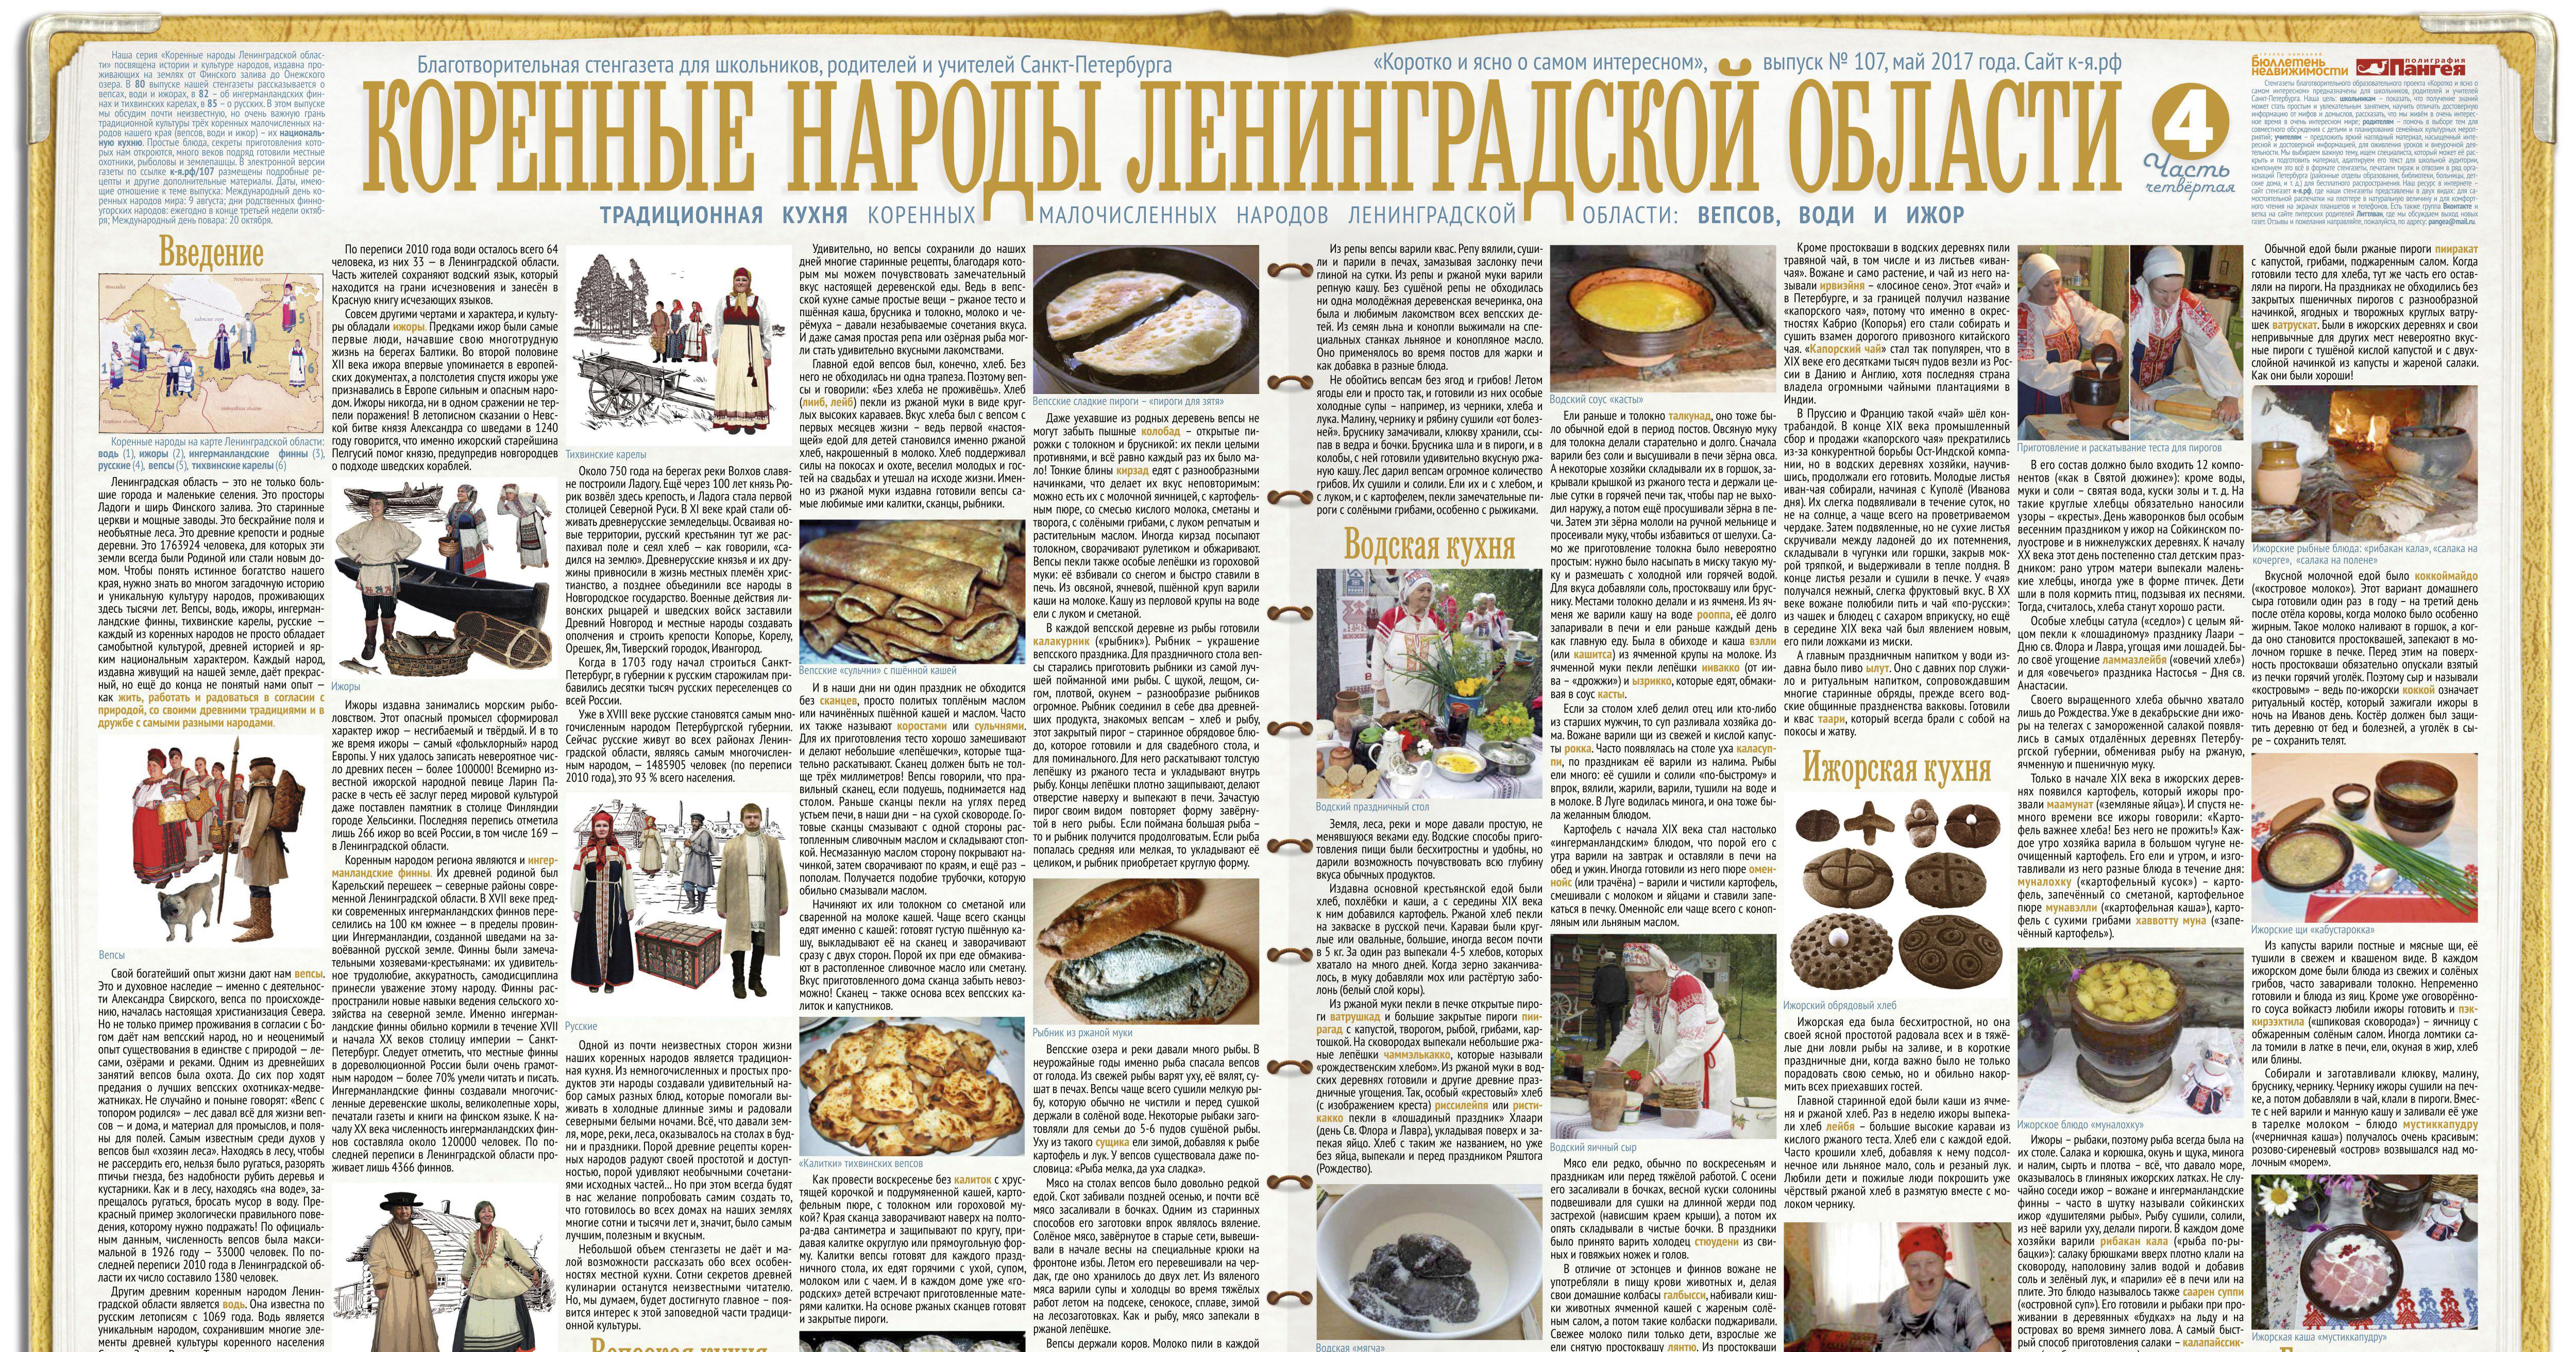 Кухня коренных народов Ленинградской области